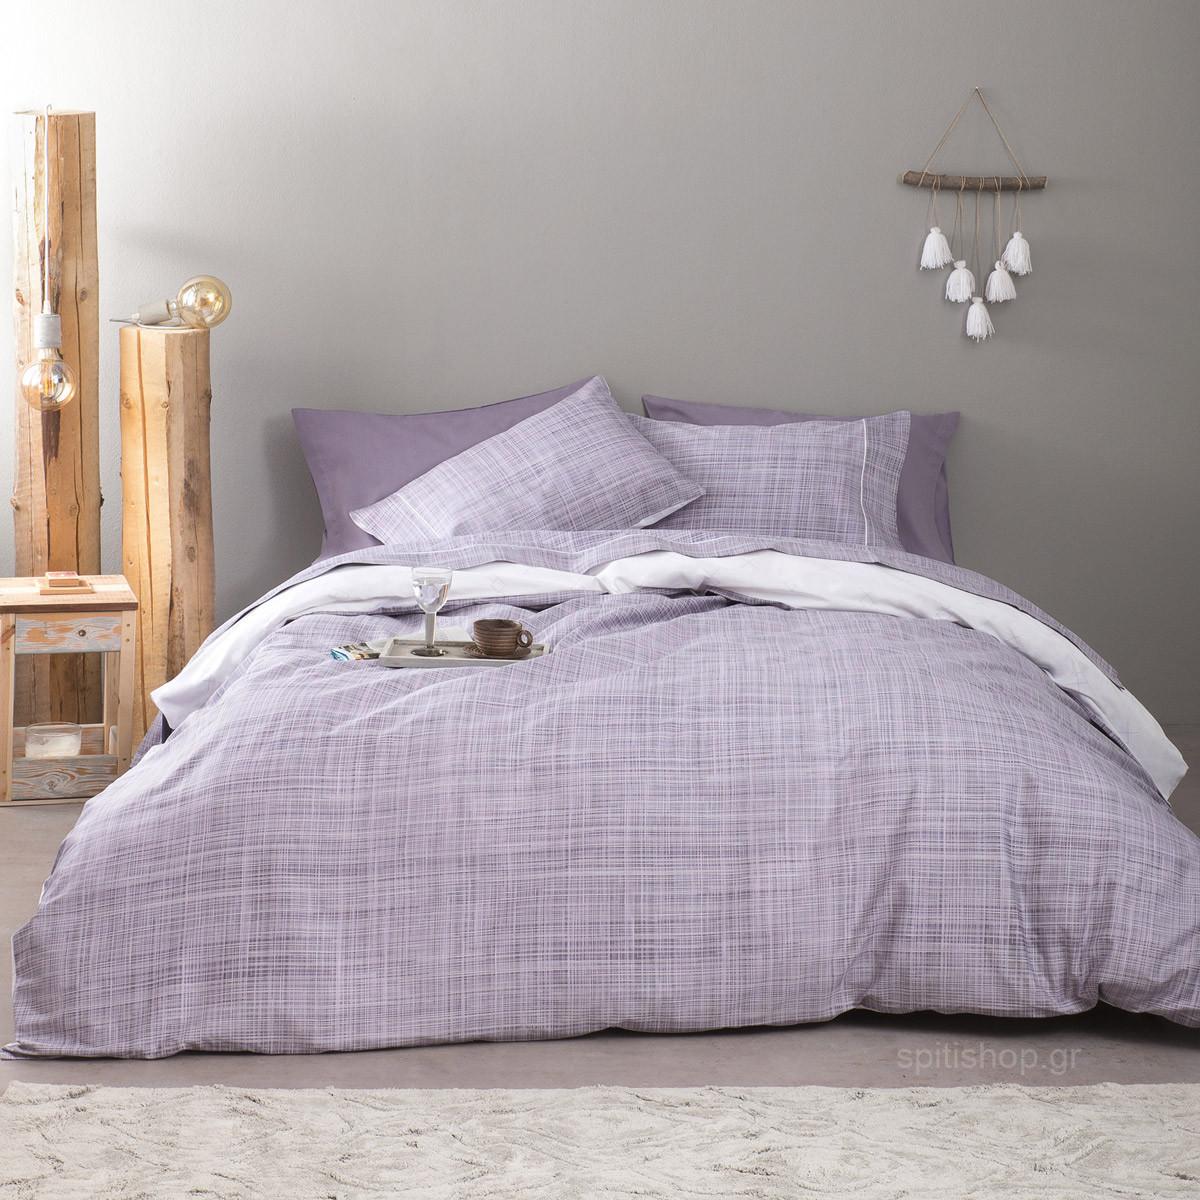 Παπλωματοθήκη Υπέρδιπλη (Σετ) Nima Bed Linen Pure Lilac